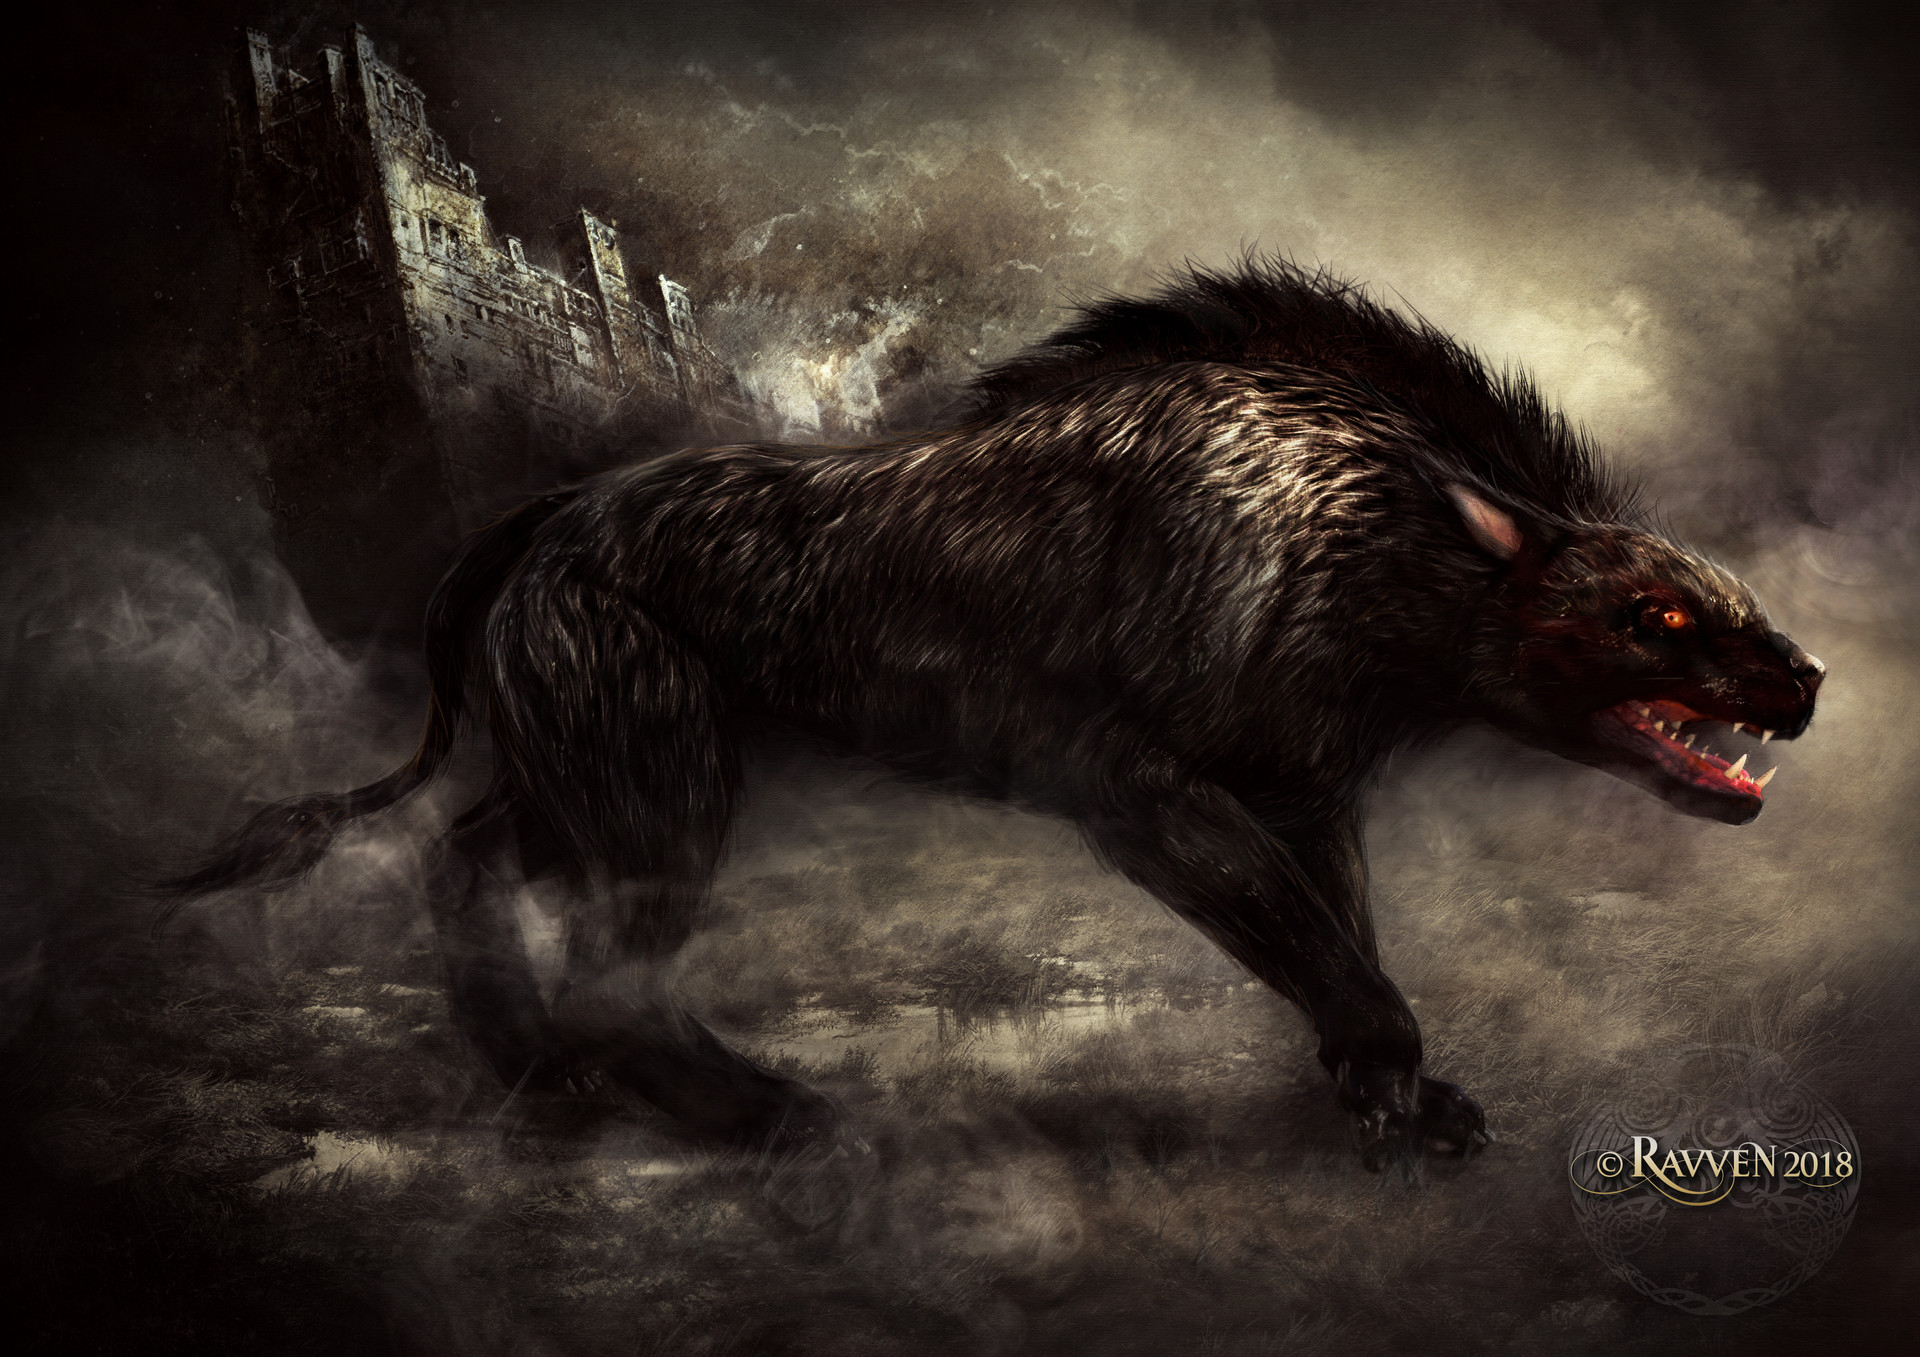 Ravven dhu hellhound